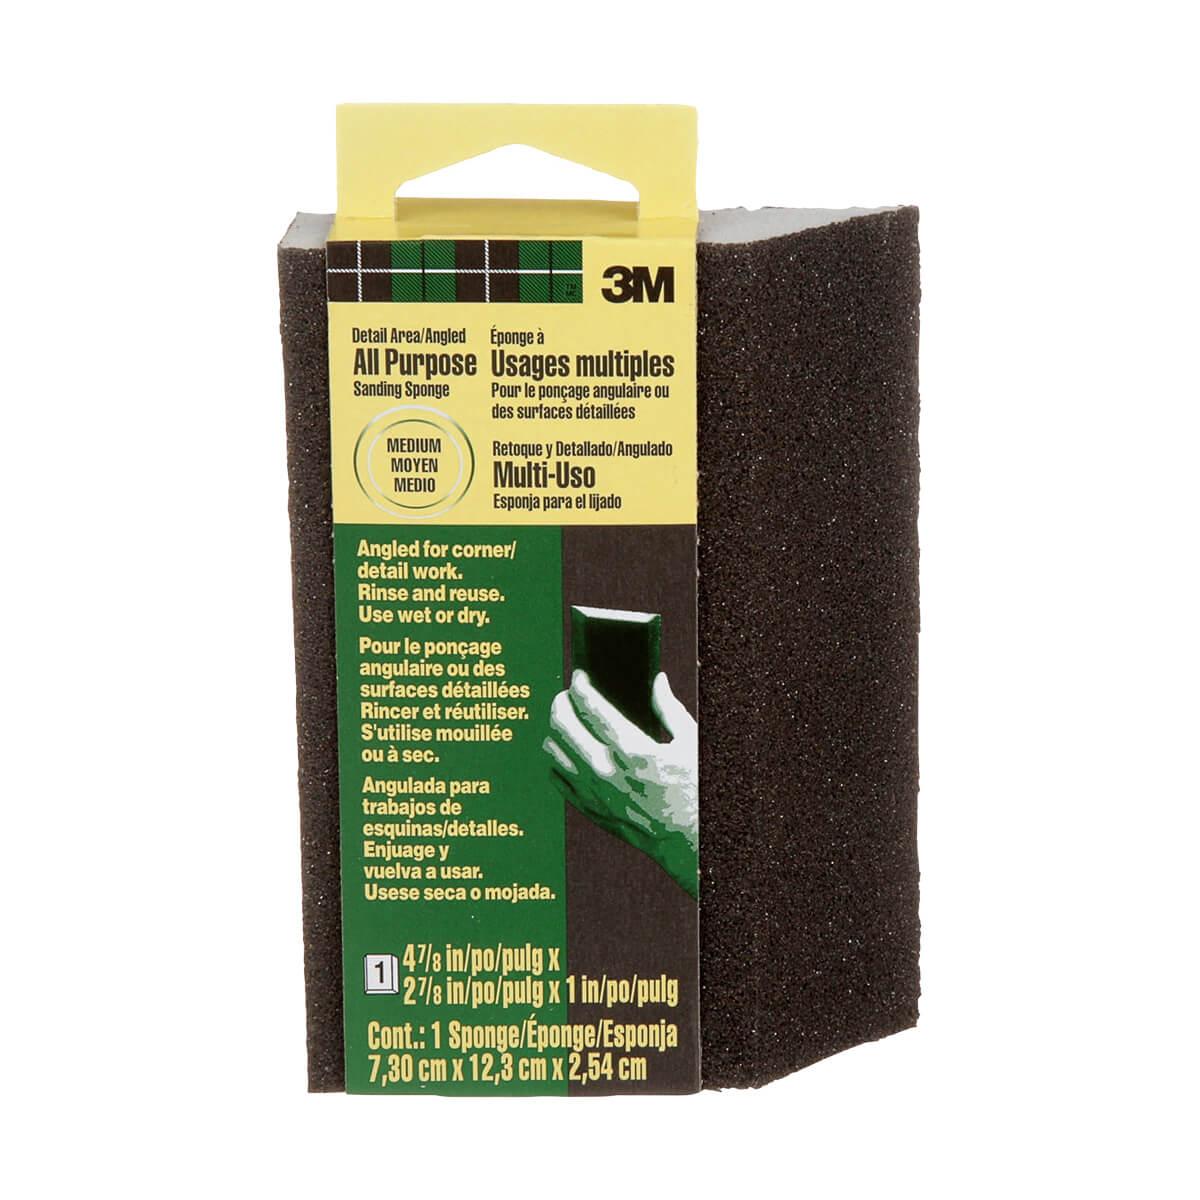 3M Angled Sanding Sponge - Medium Grit